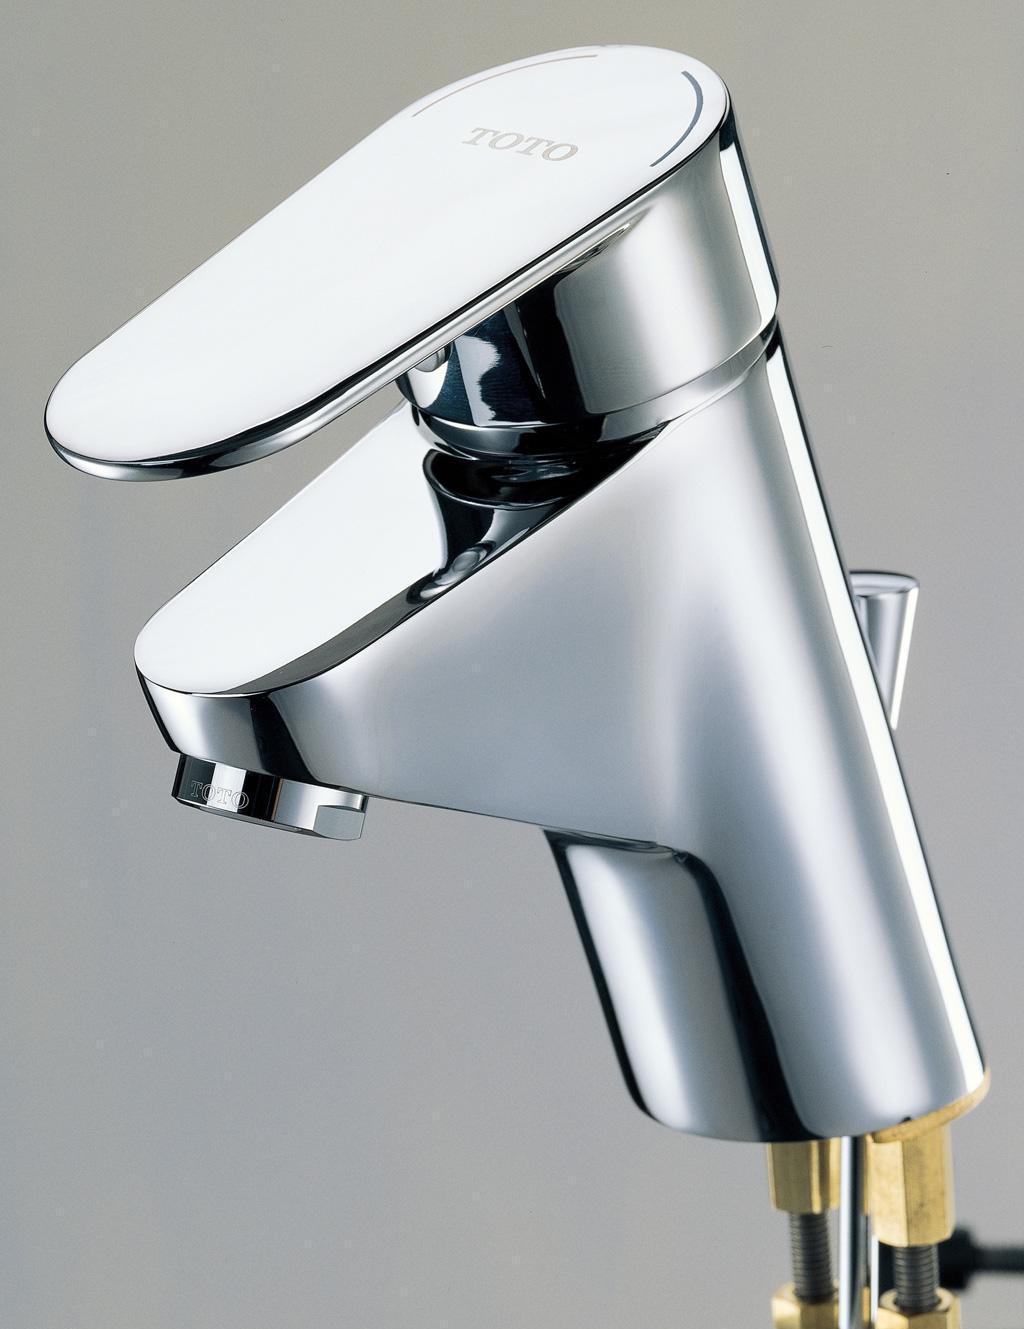 TOTO洗面盆用龙头DL323DL323